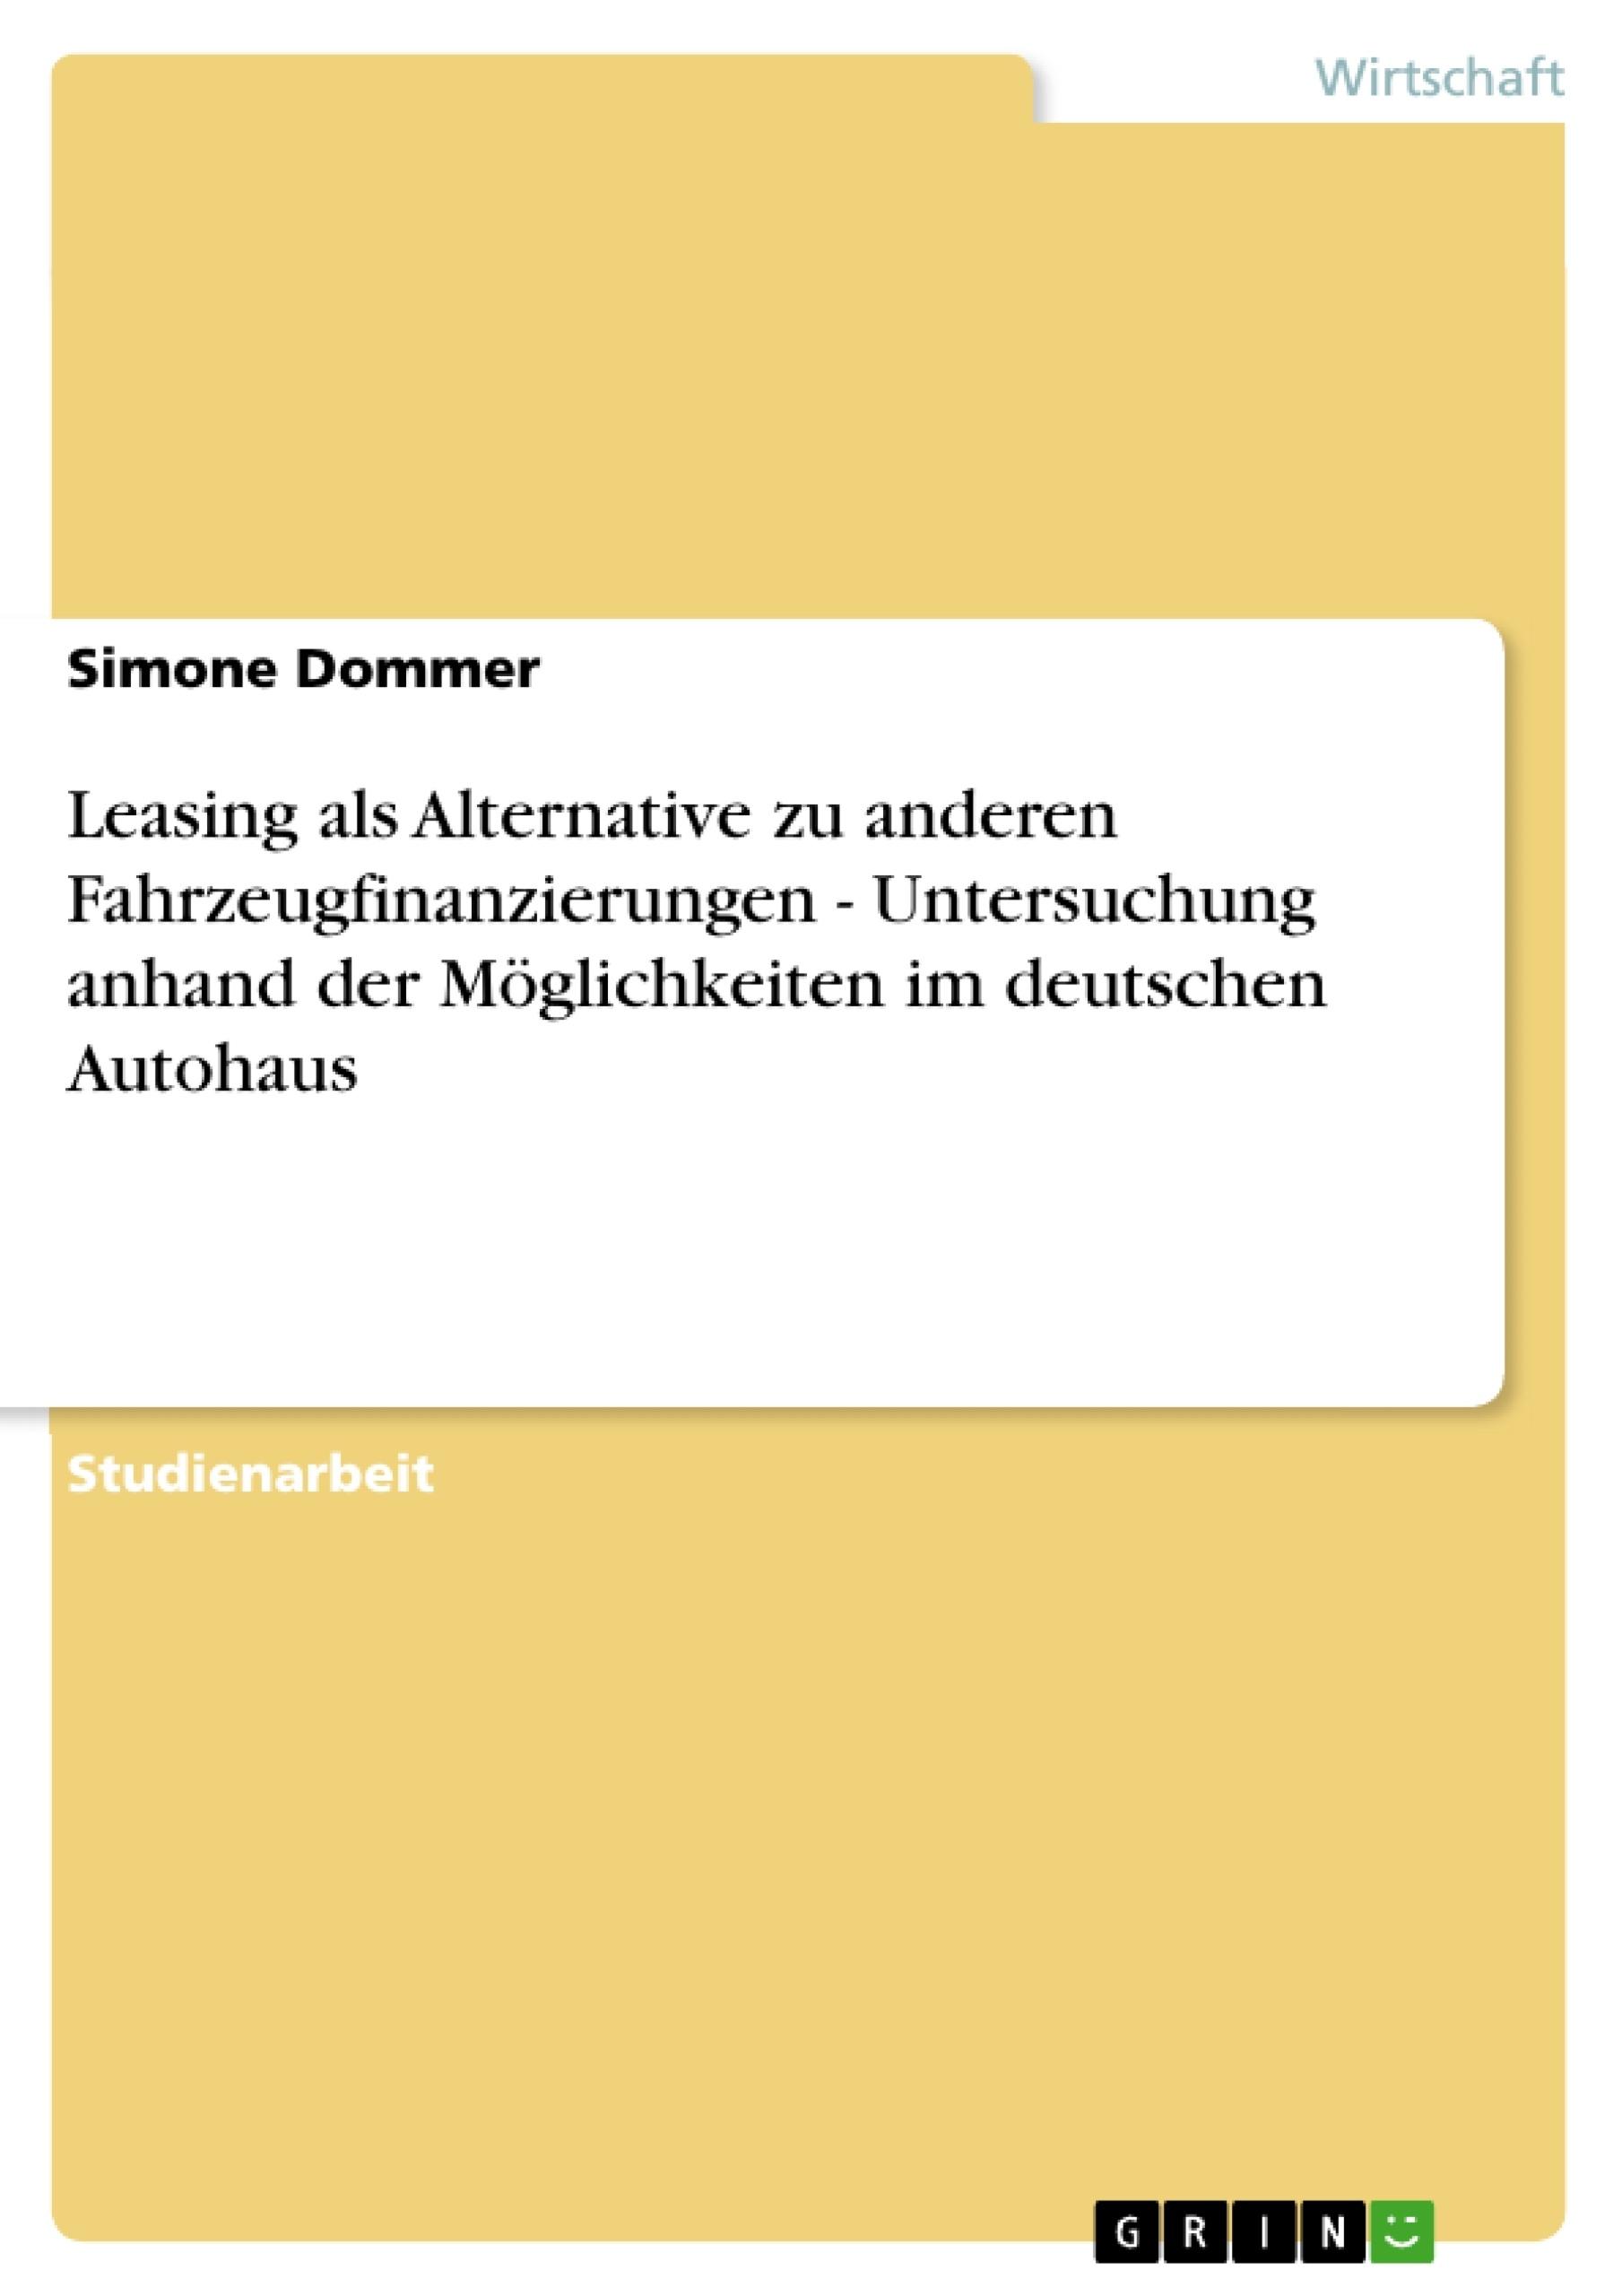 Titel: Leasing als Alternative zu anderen Fahrzeugfinanzierungen - Untersuchung anhand der Möglichkeiten im deutschen Autohaus